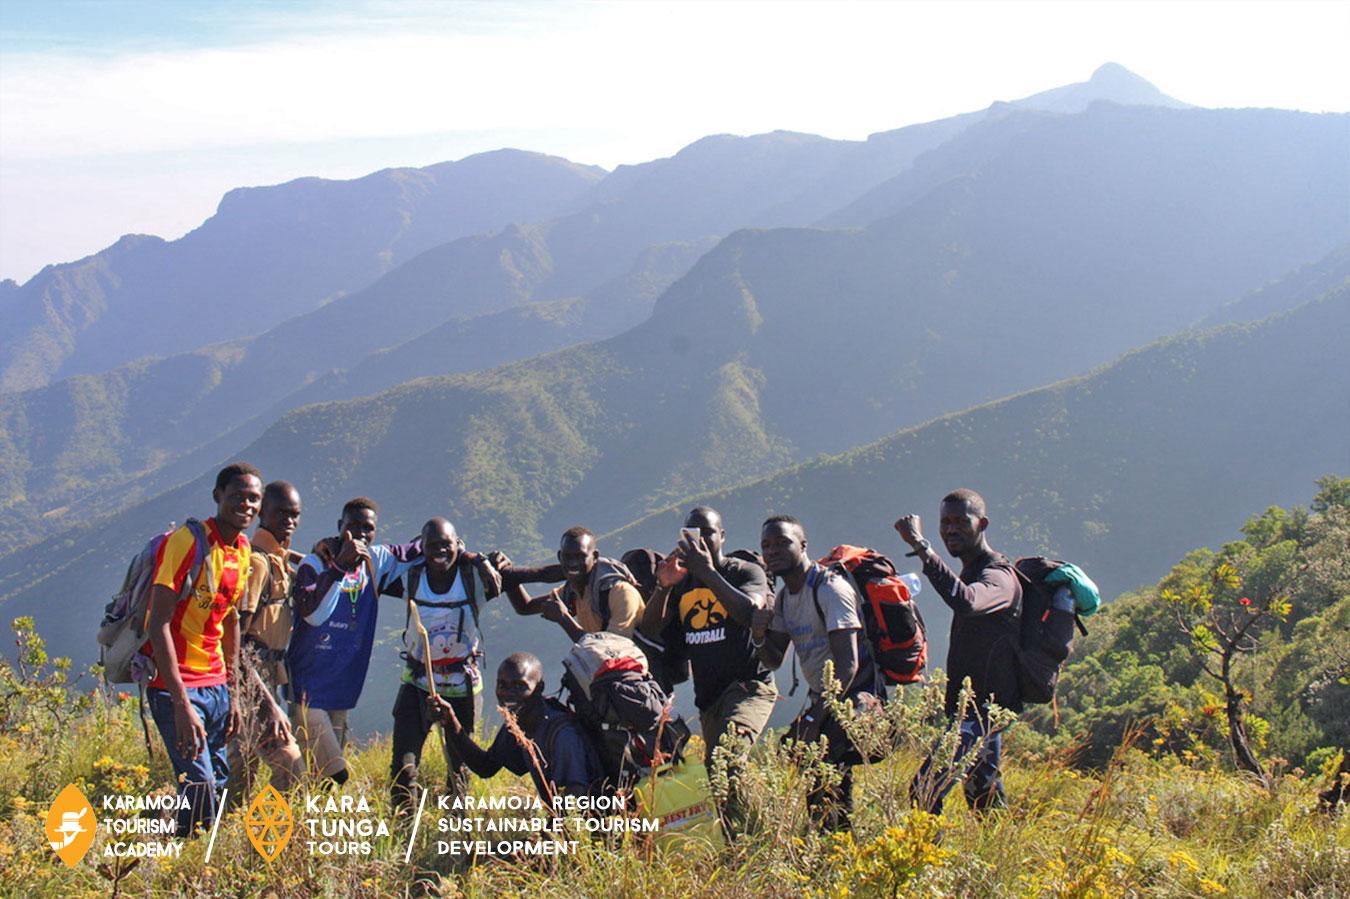 kara-tunga-karamoja-uganda-tours-moroto-hiking-guides-49